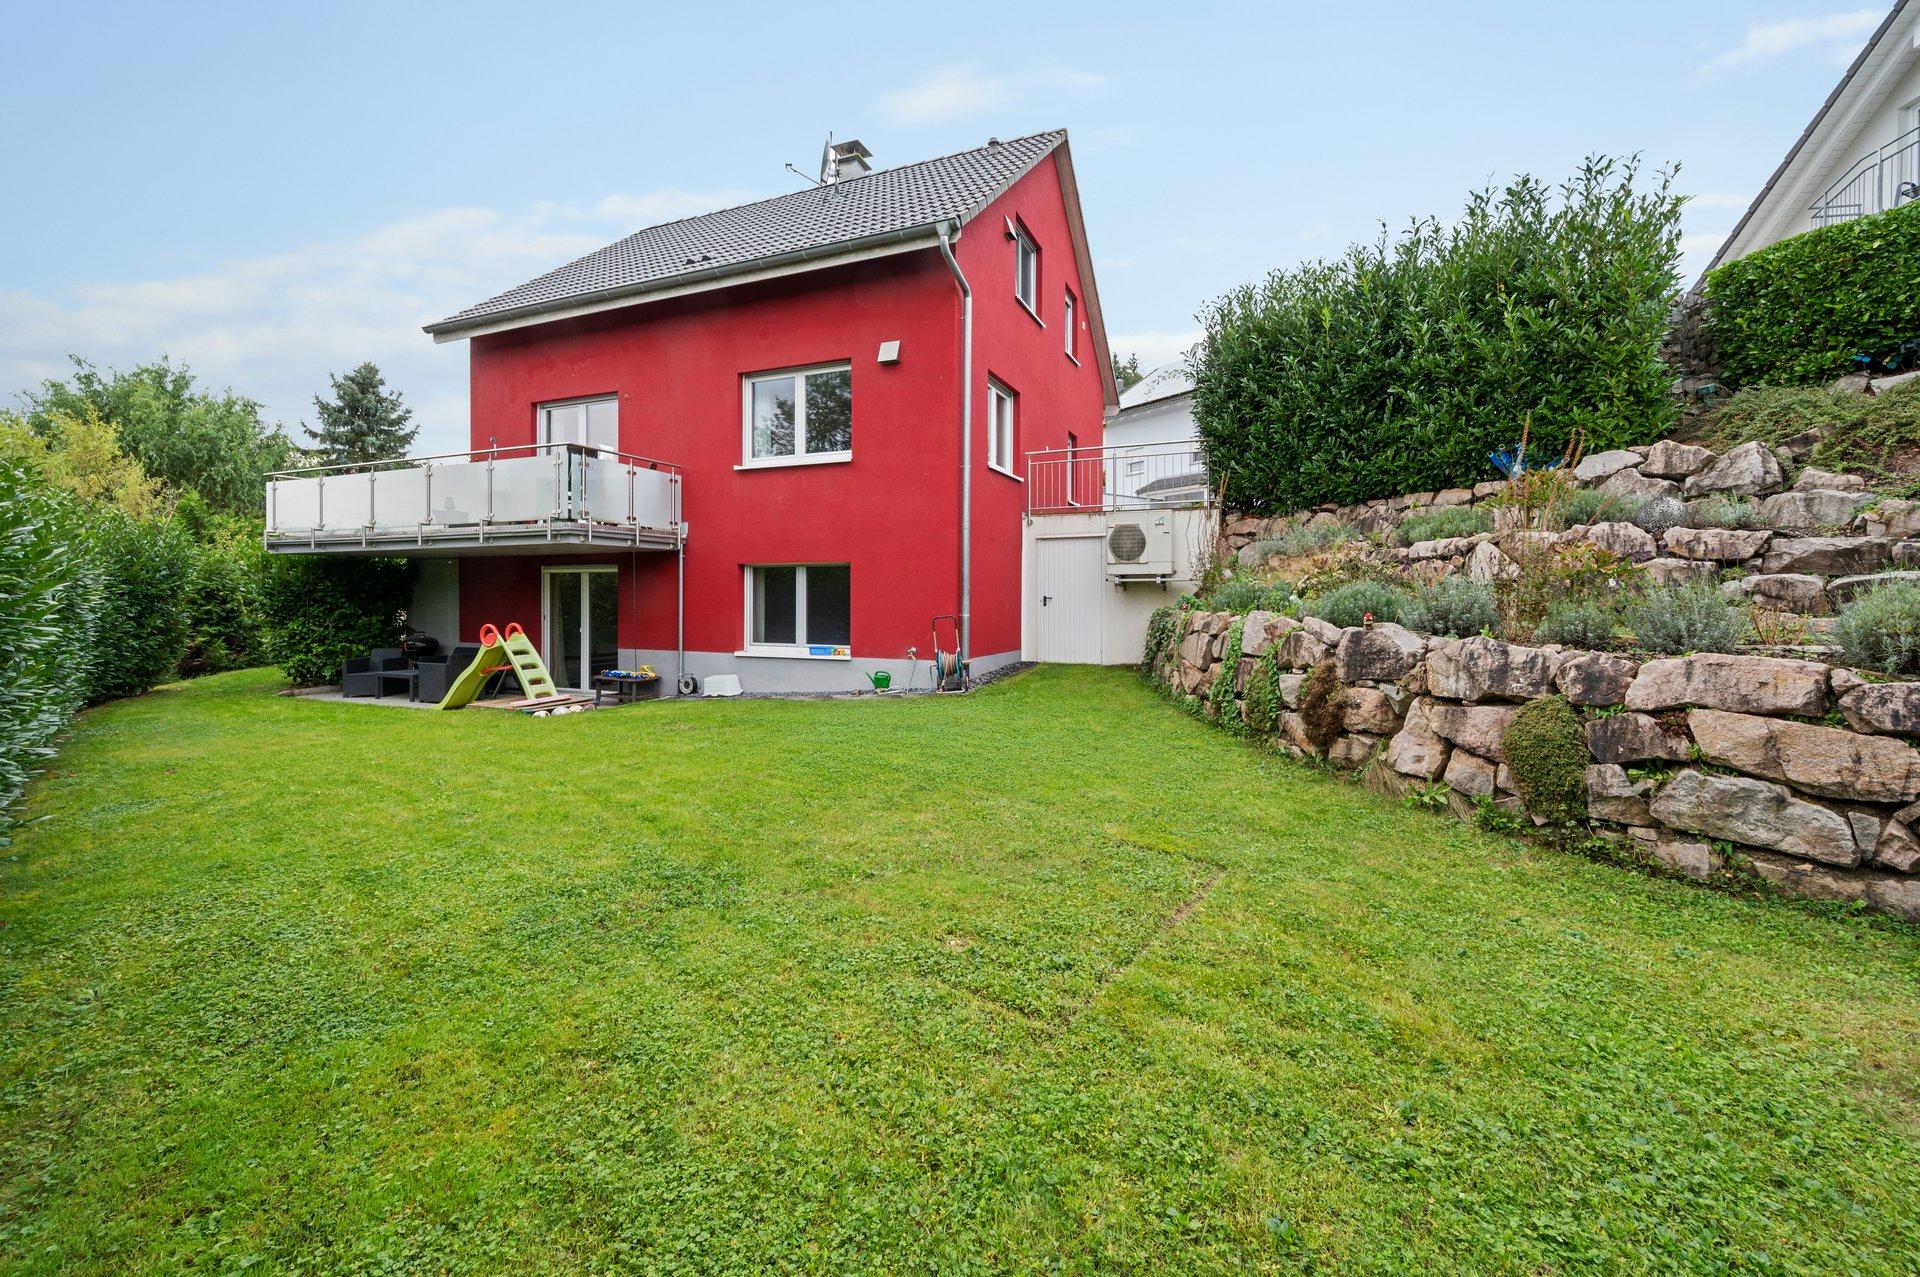 Energieeffizientes neuwertiges freistehendes Einfamilienhaus mit großem Garten in ruhiger naturnaher Lage von Schwörstadt-Niederdossenbach